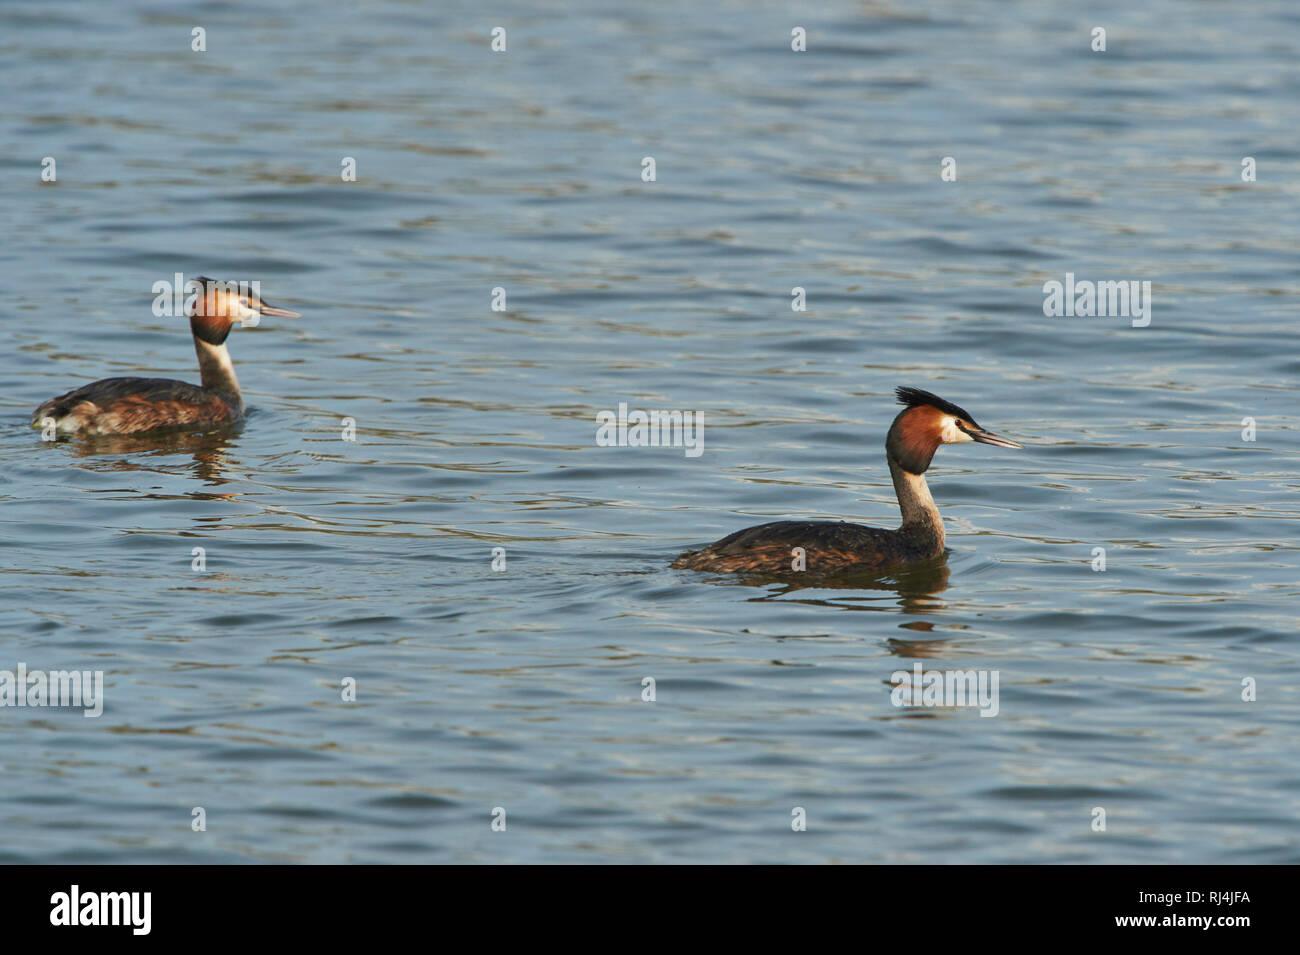 Haubentaucher, Podiceps cristatus, Paar, Wasser, schwimmen - Stock Image